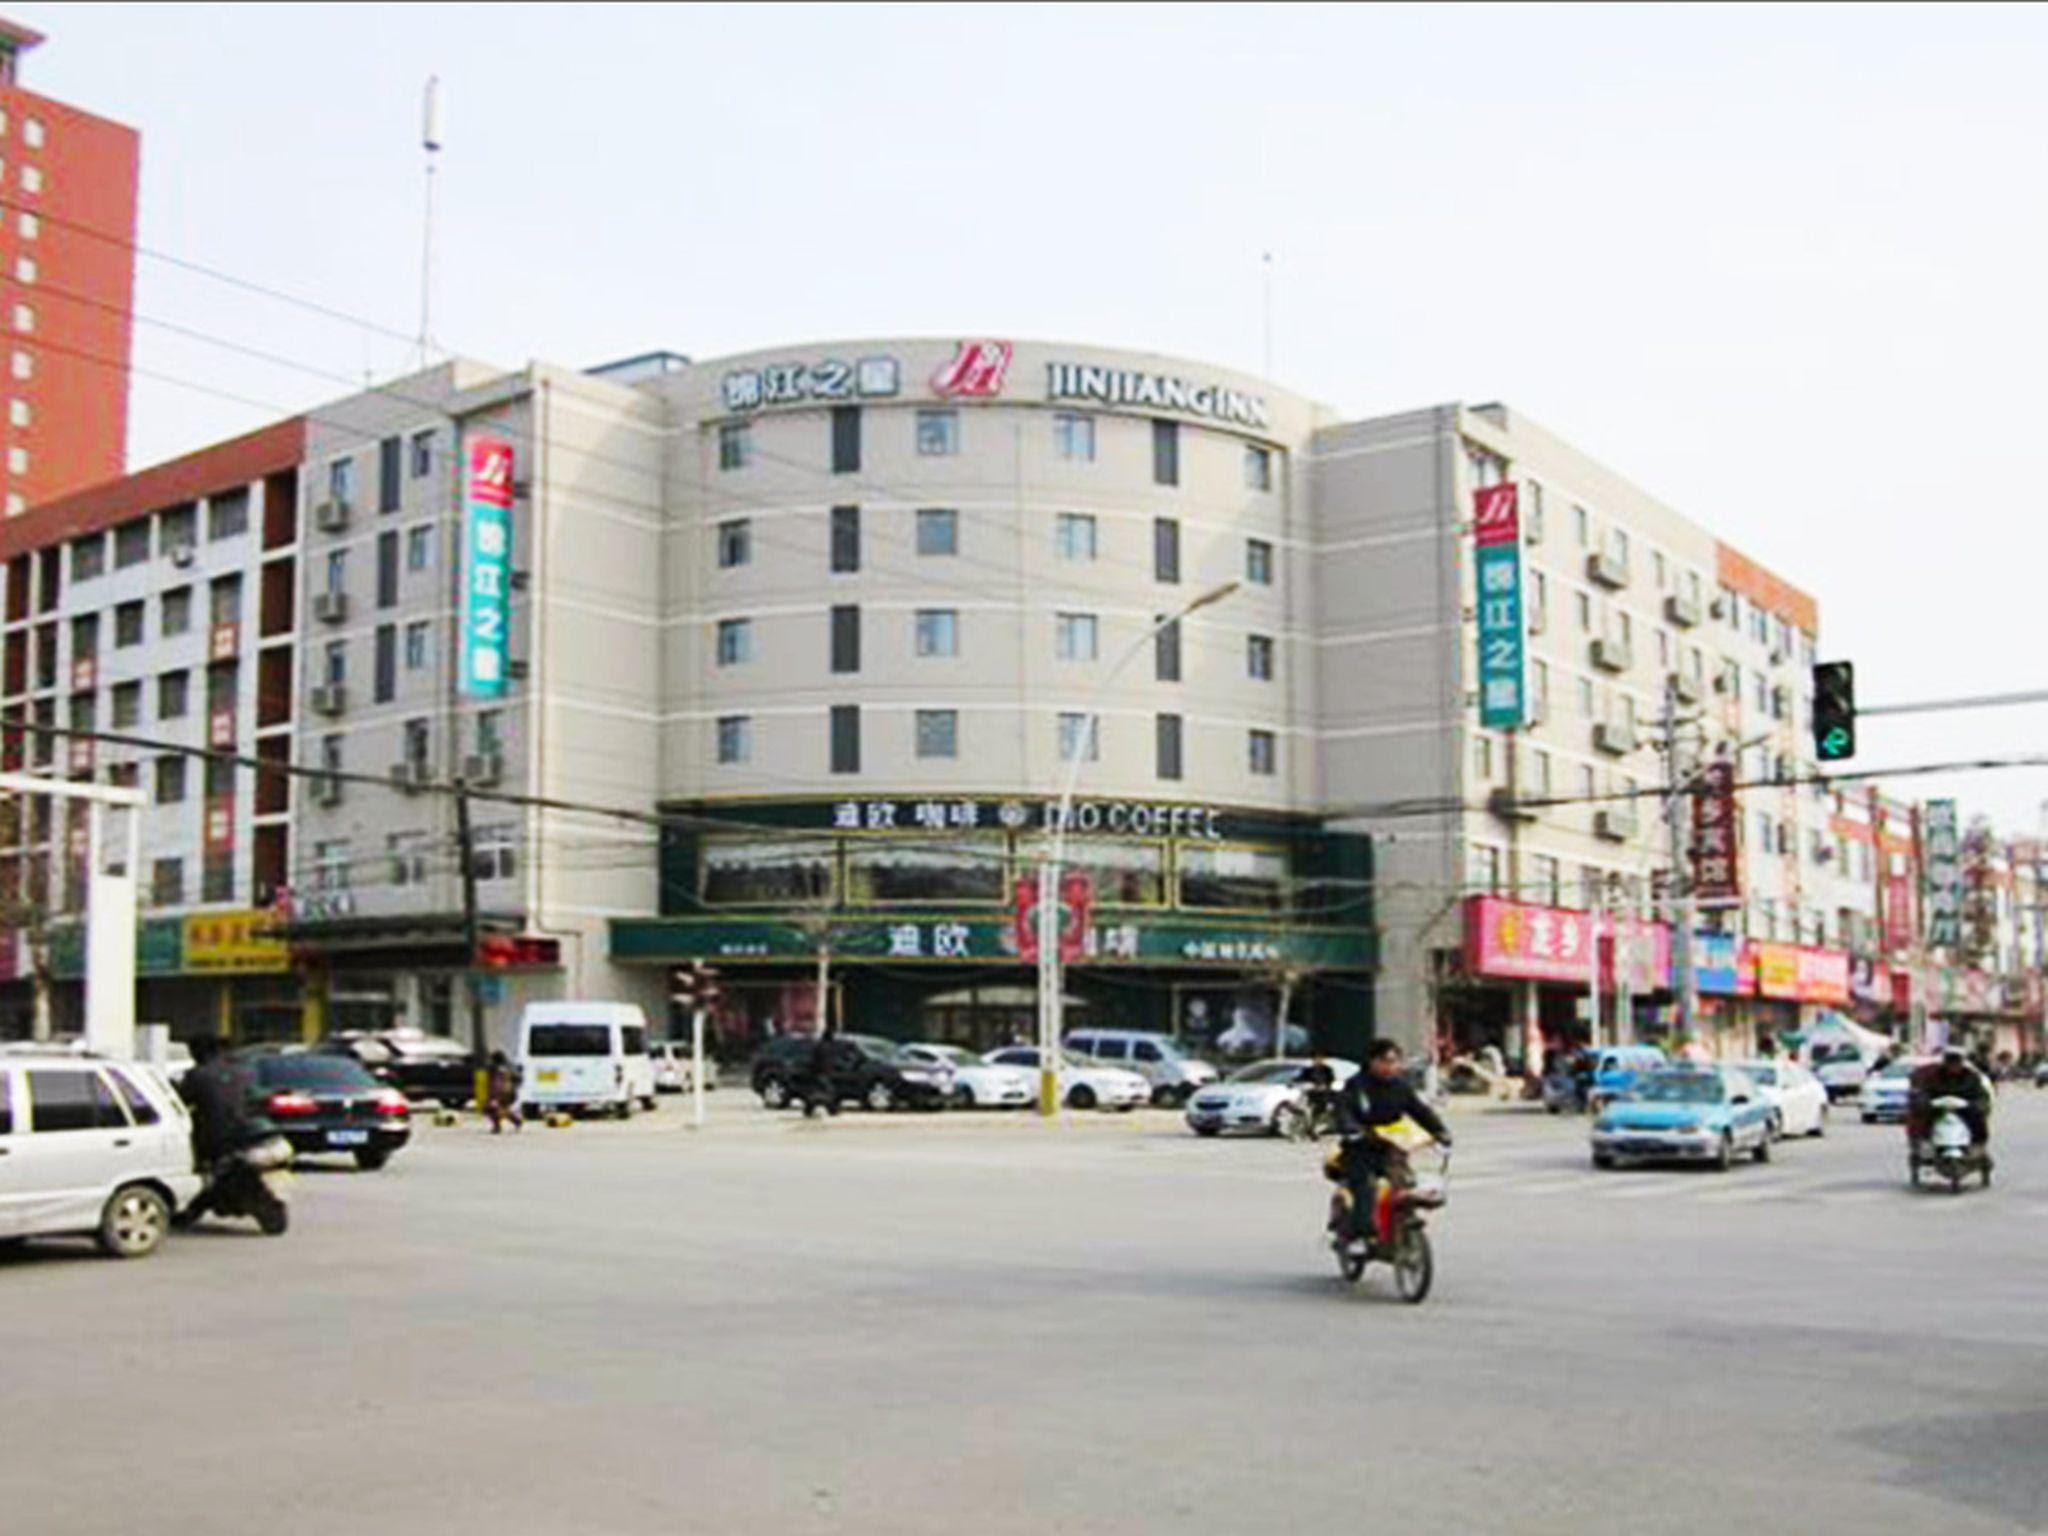 Jinjiang Inn Xuzhou Feng County Bus Station Reviews